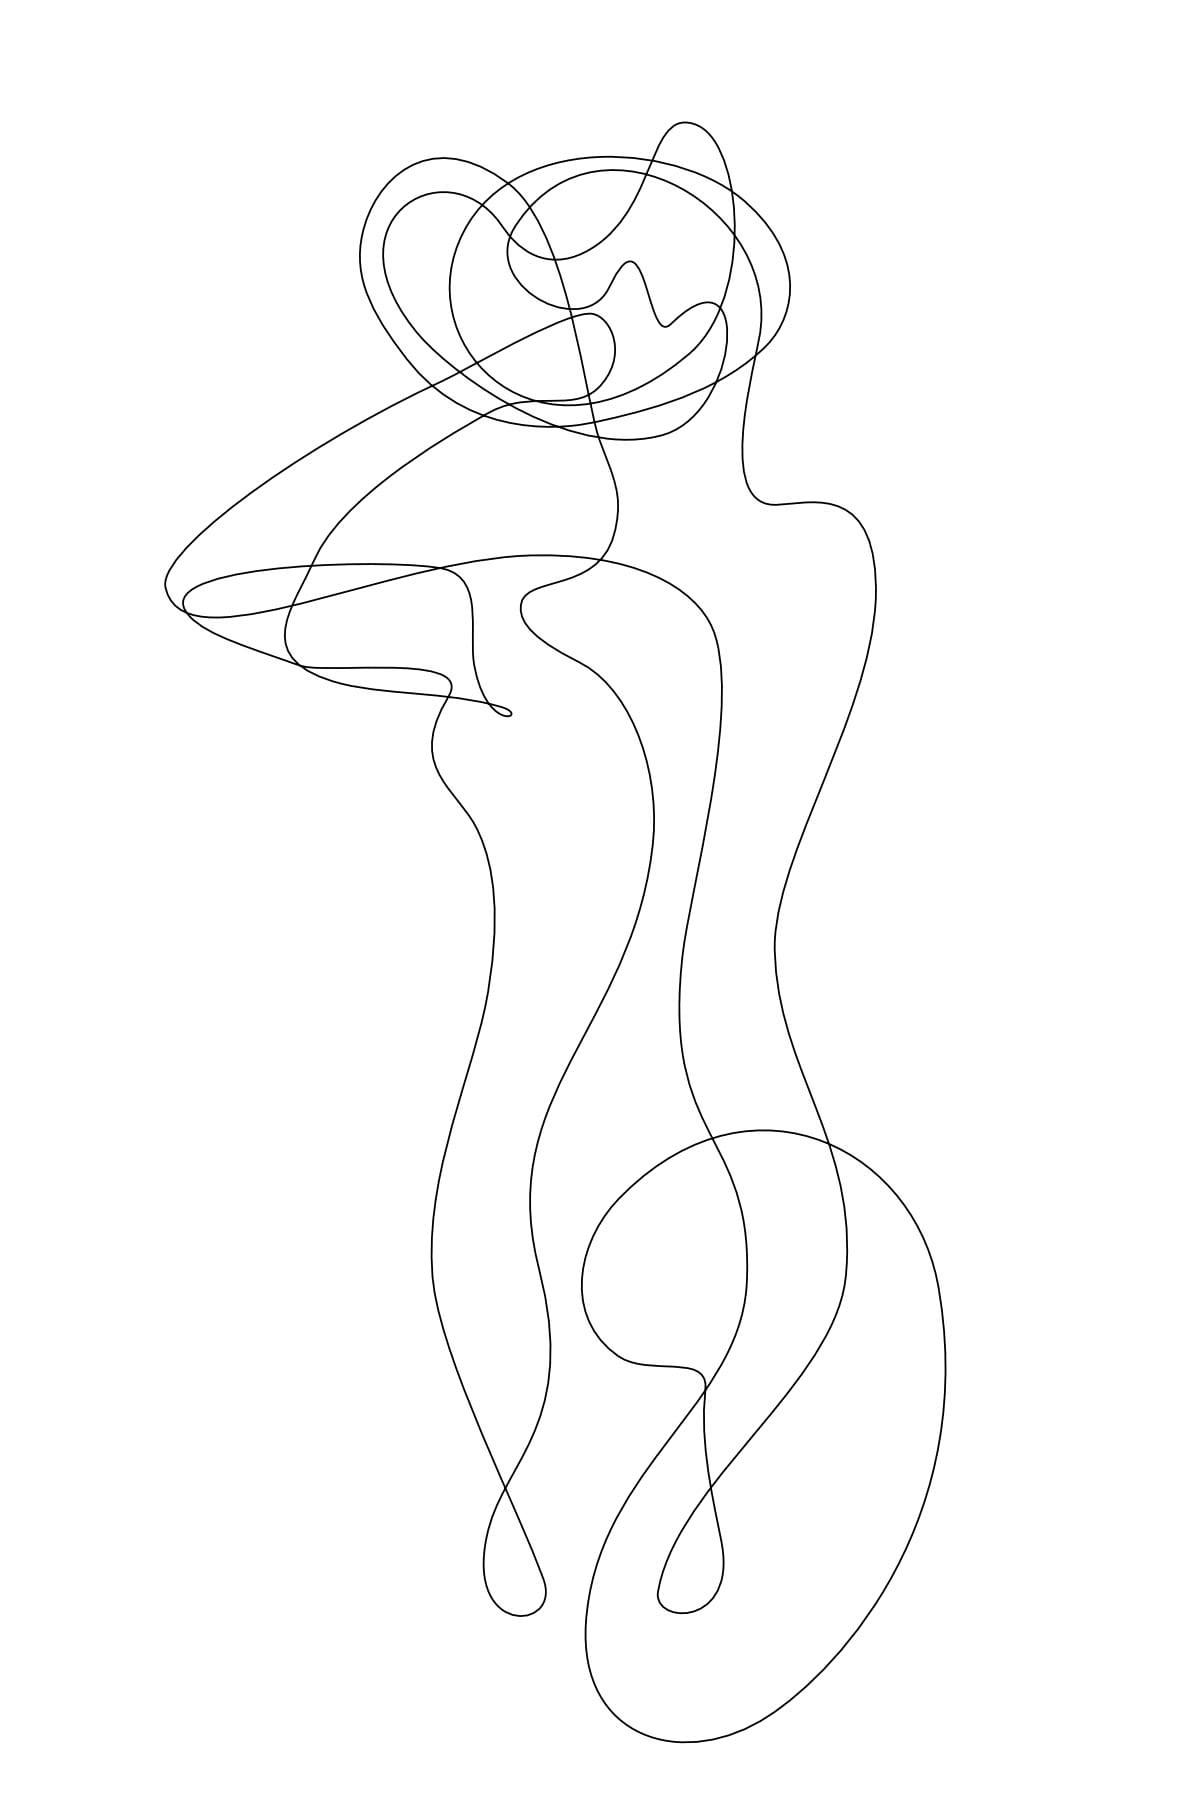 Idées de dessin linéaire.